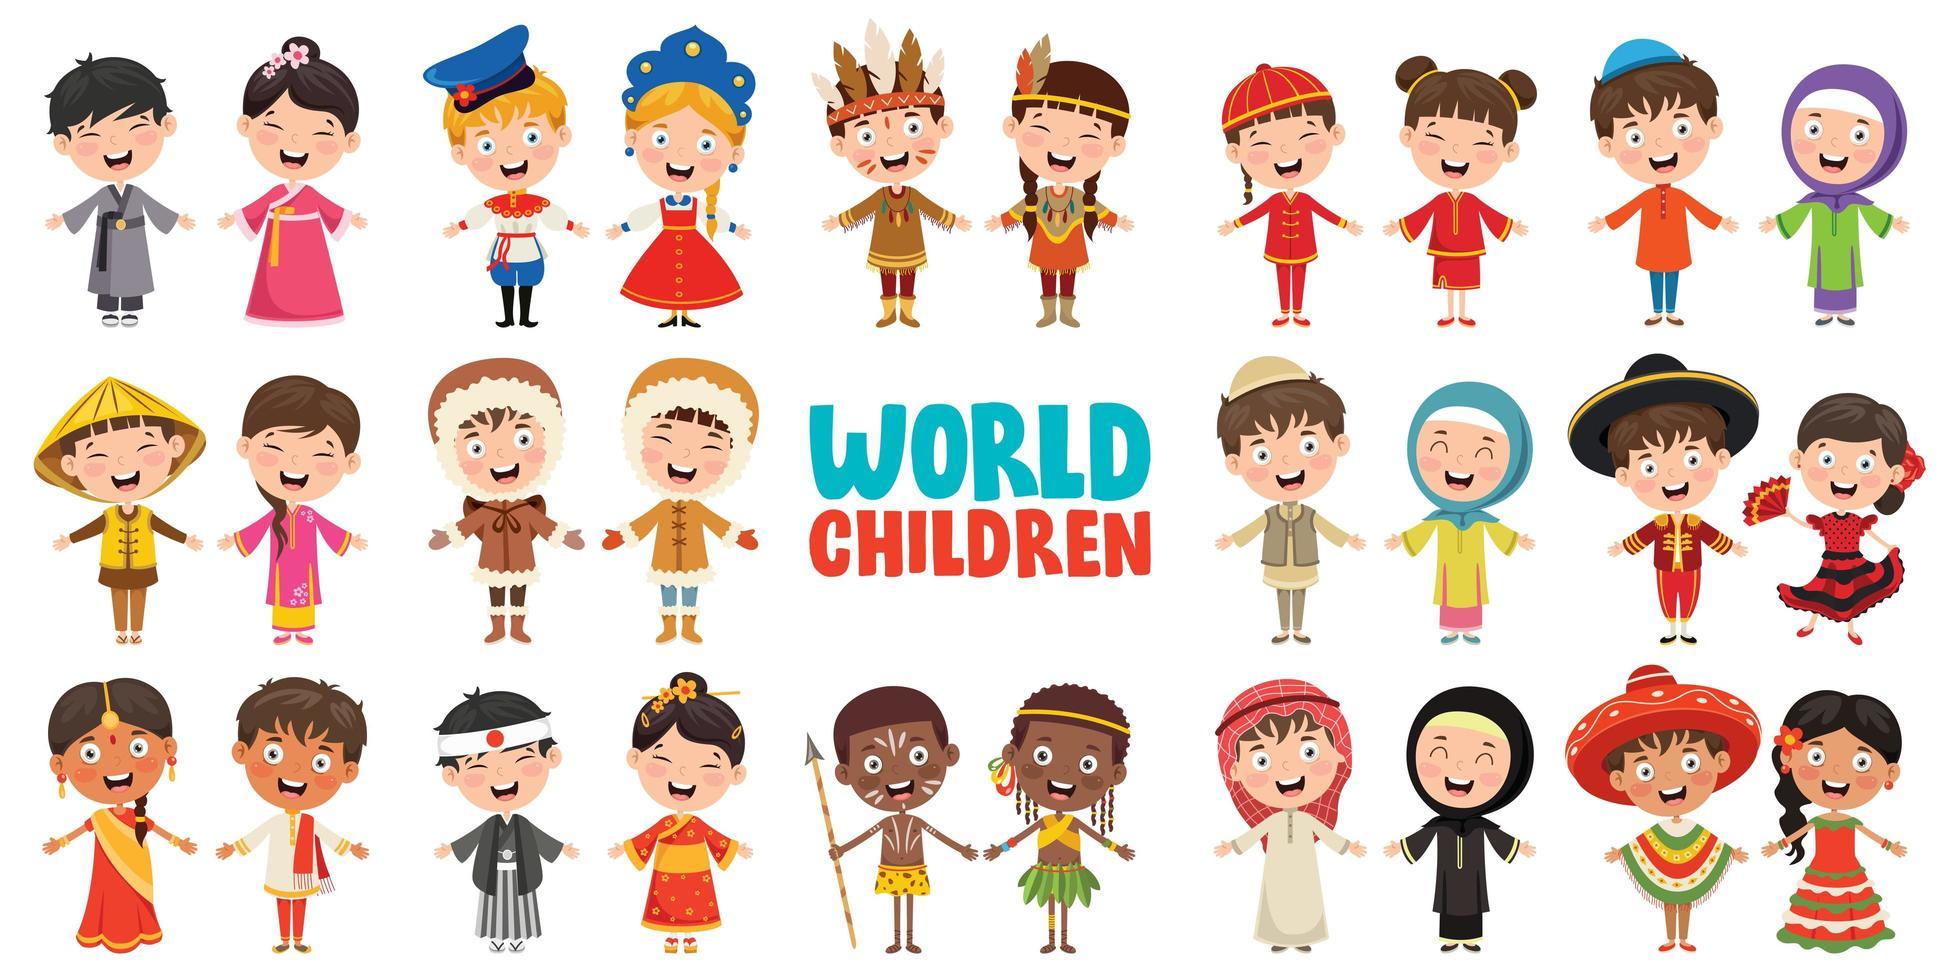 multikulturelle Charaktere der Welt vektor